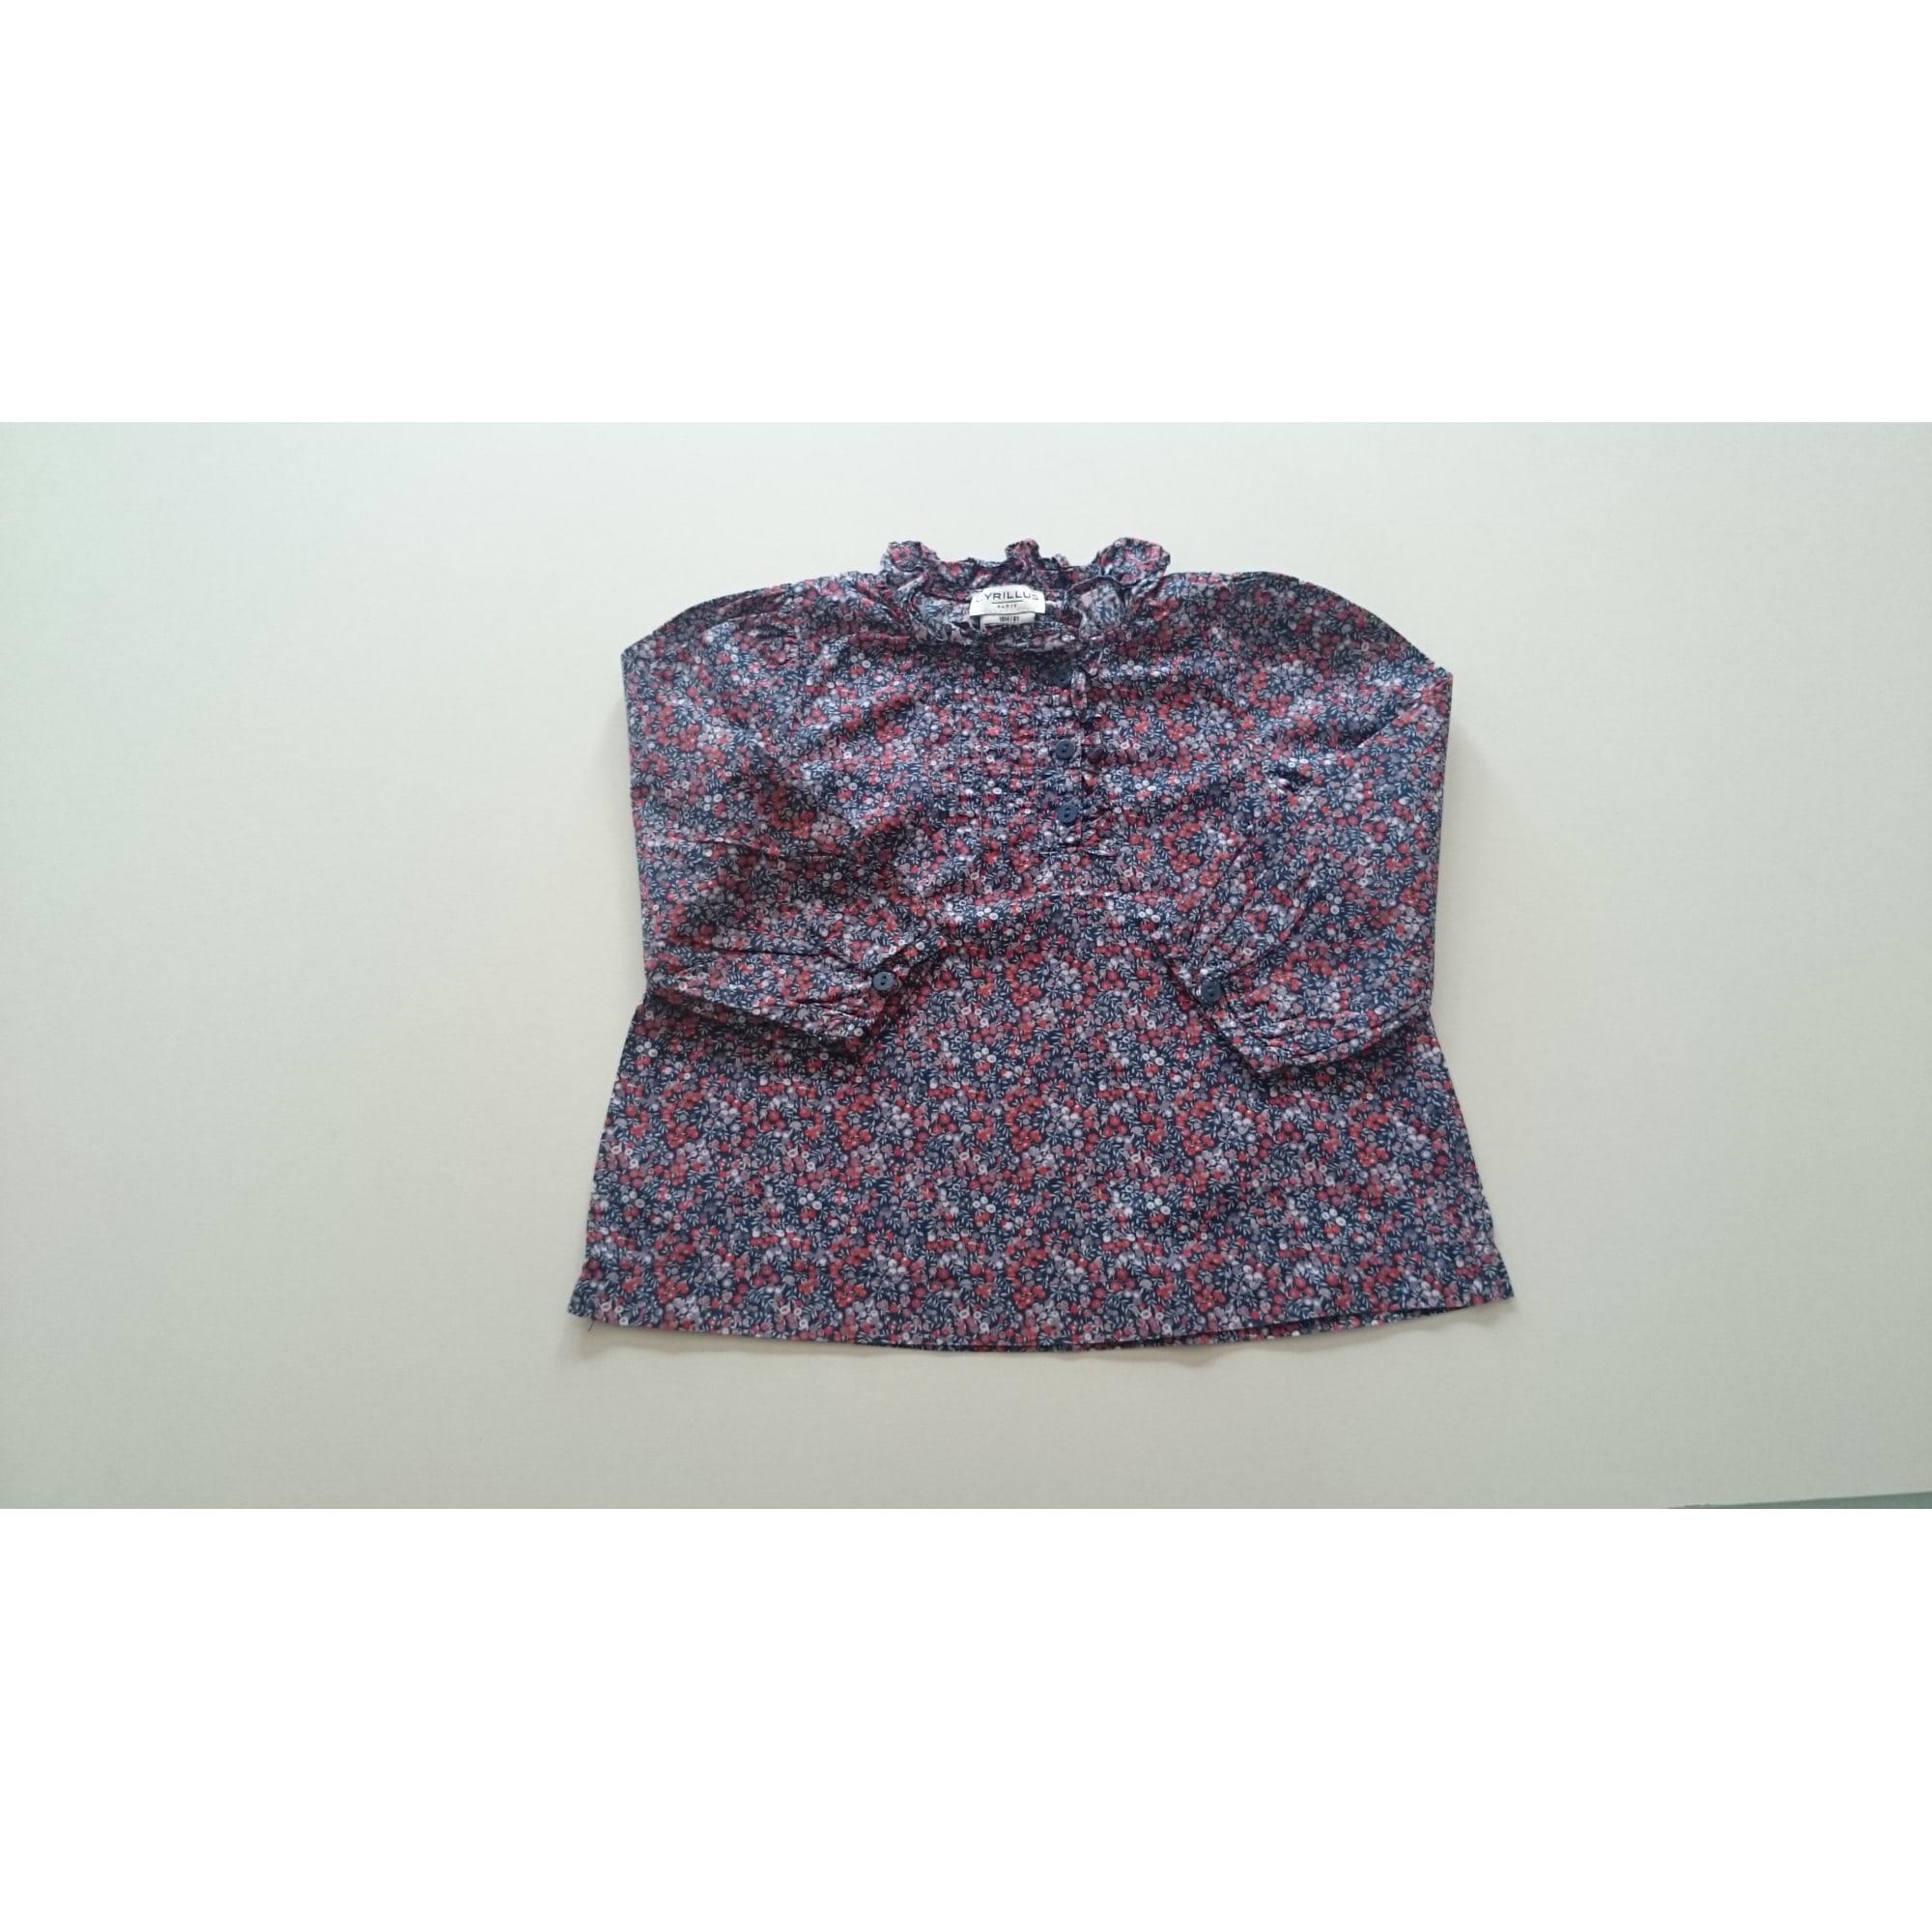 Chemise CYRILLUS Violet, mauve, lavande